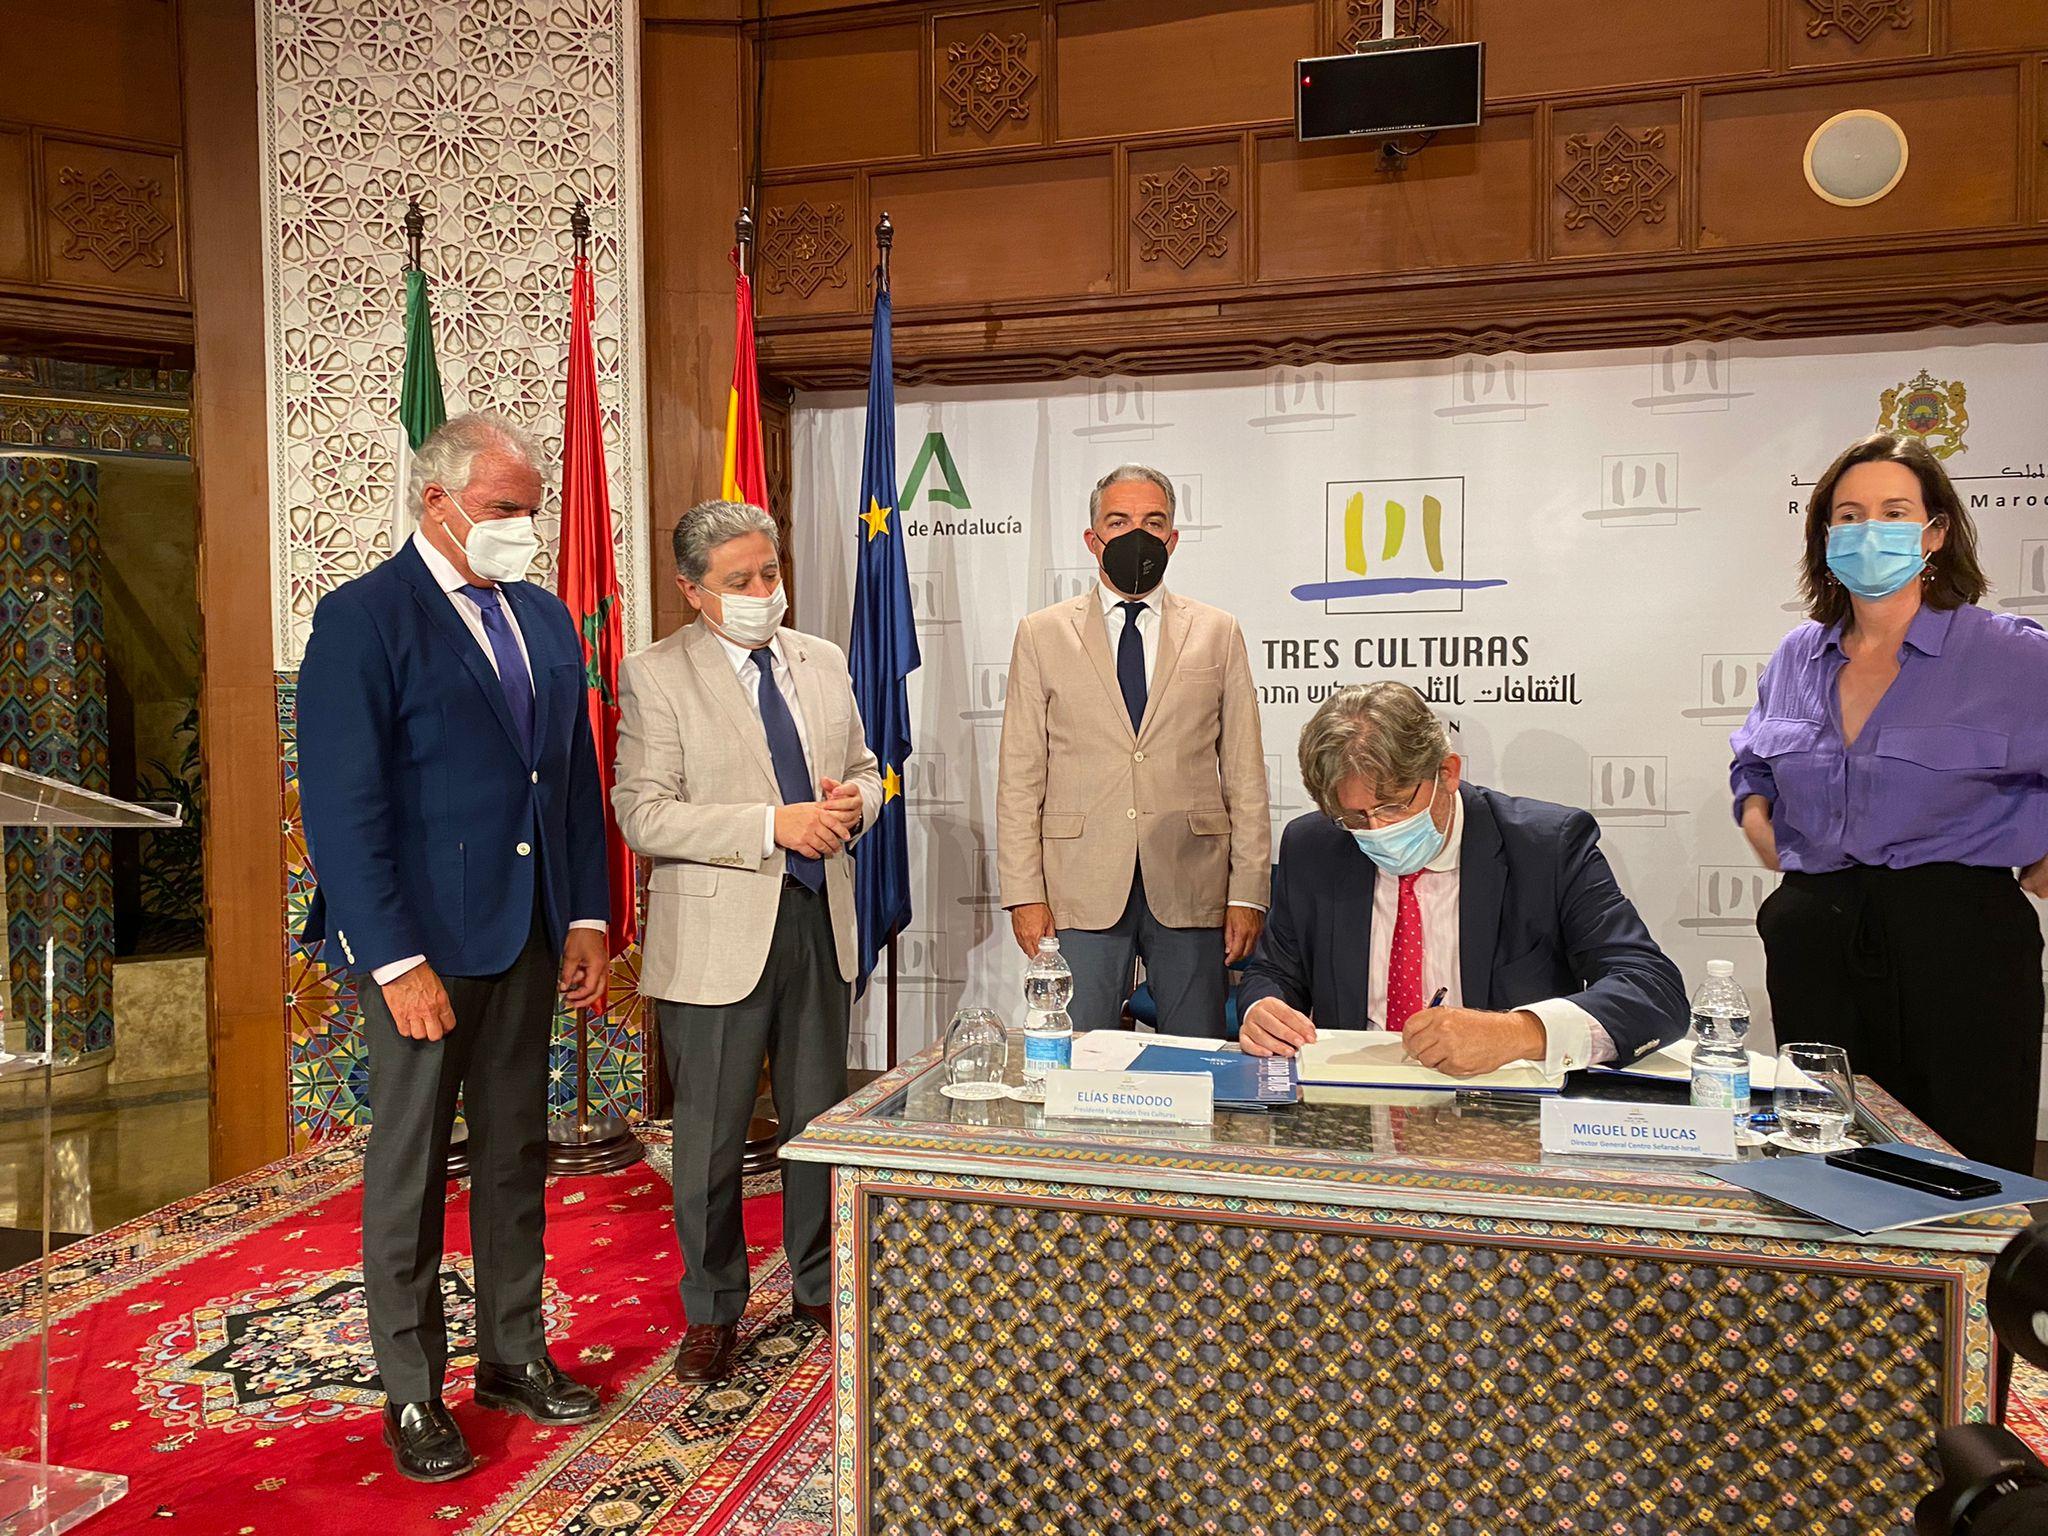 Firma convenio Fundacion Tres Culturas con Centro Sefarad (2). Elías Bendodo y Enric Millo